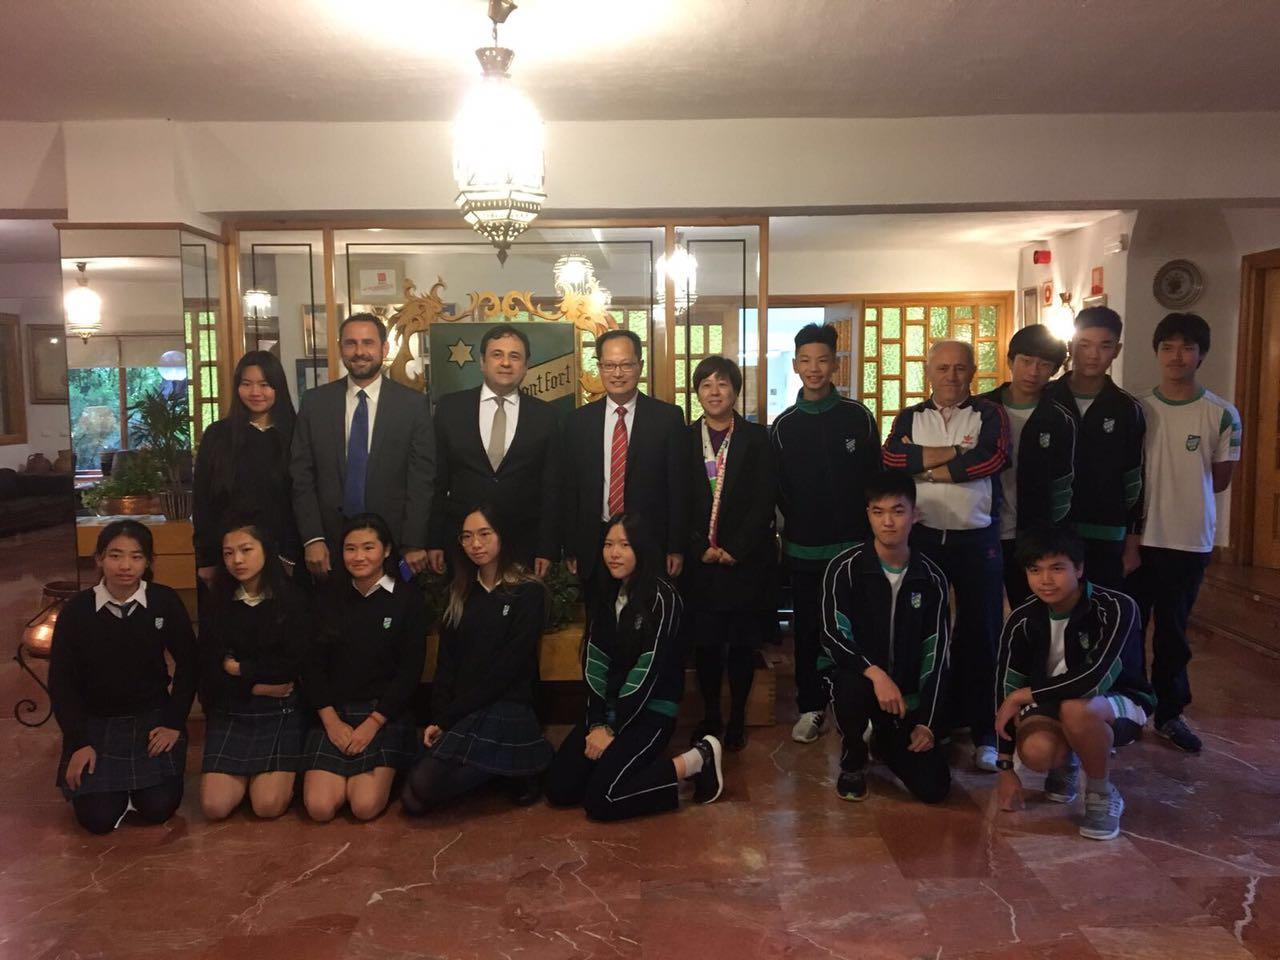 斗牛西语陪同苏外领导参观西班牙学校